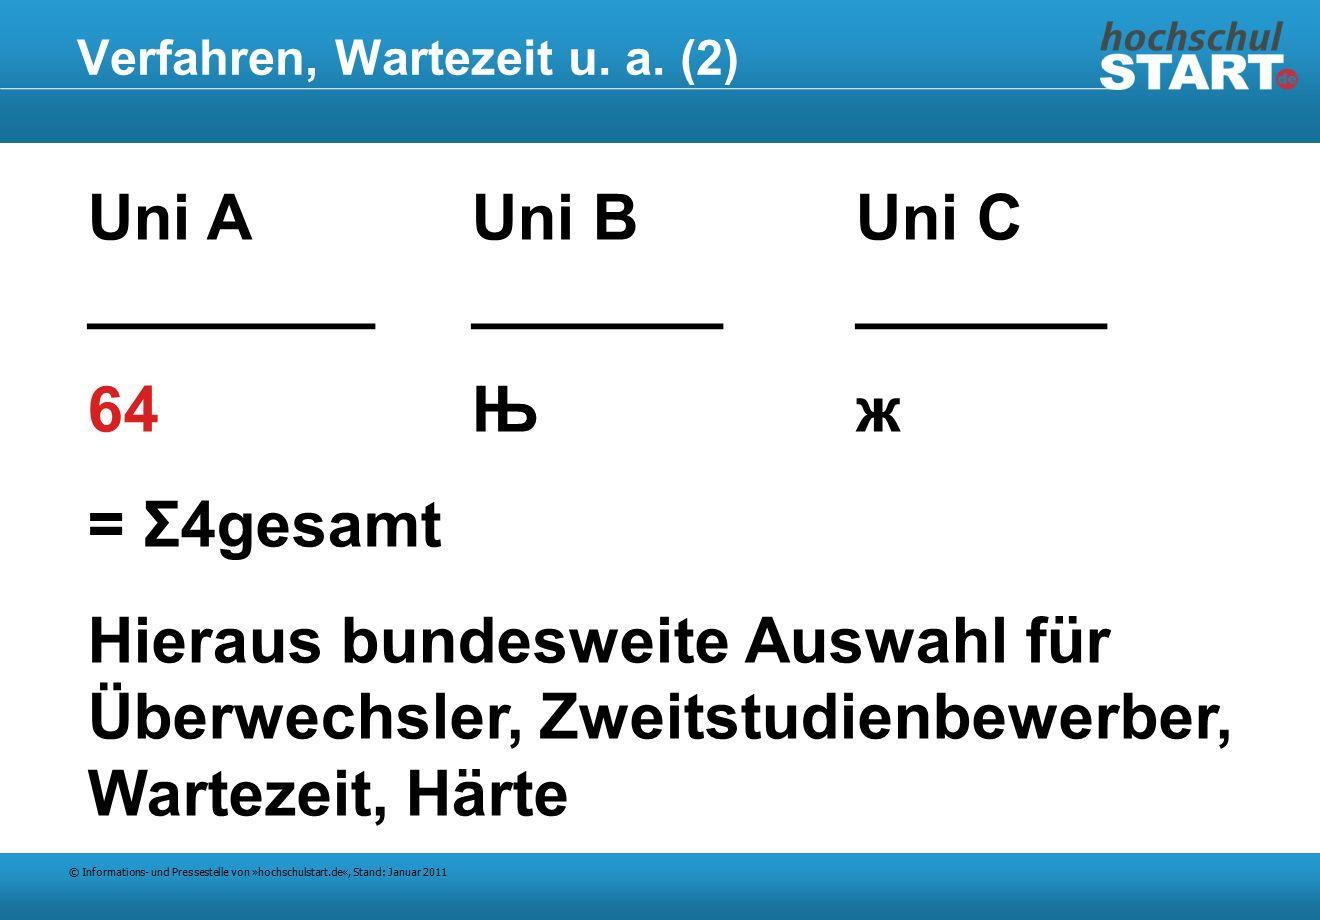 © Informations- und Pressestelle von »hochschulstart.de«, Stand: Januar 2011 Verfahren, Wartezeit u.